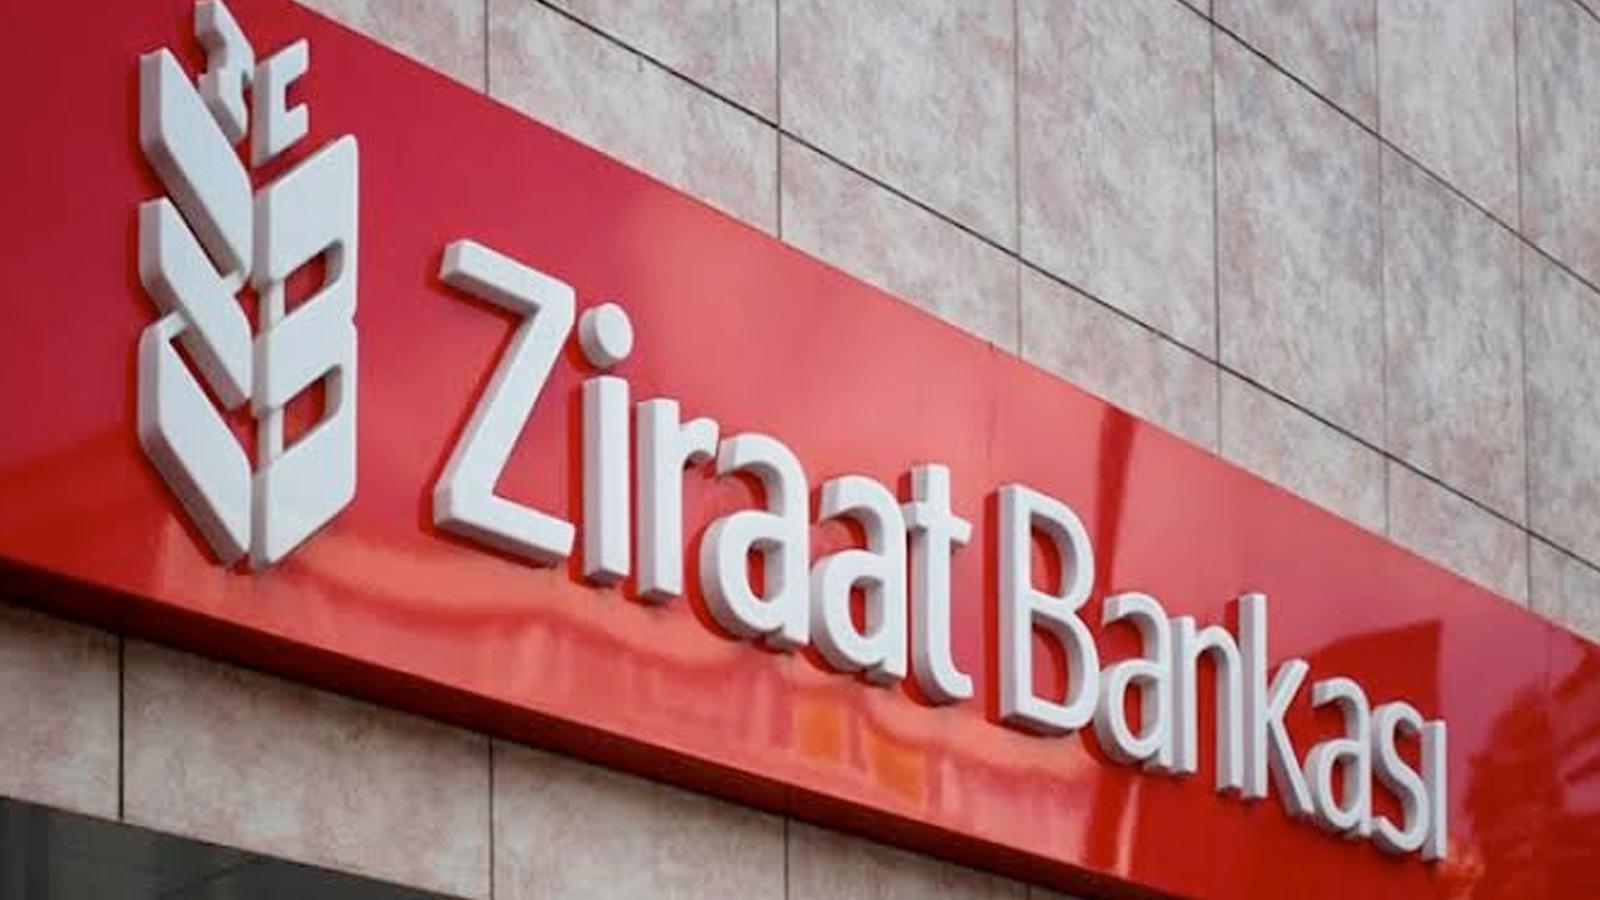 Ziraat Bankası'nın yeni genel müdürü belli oldu